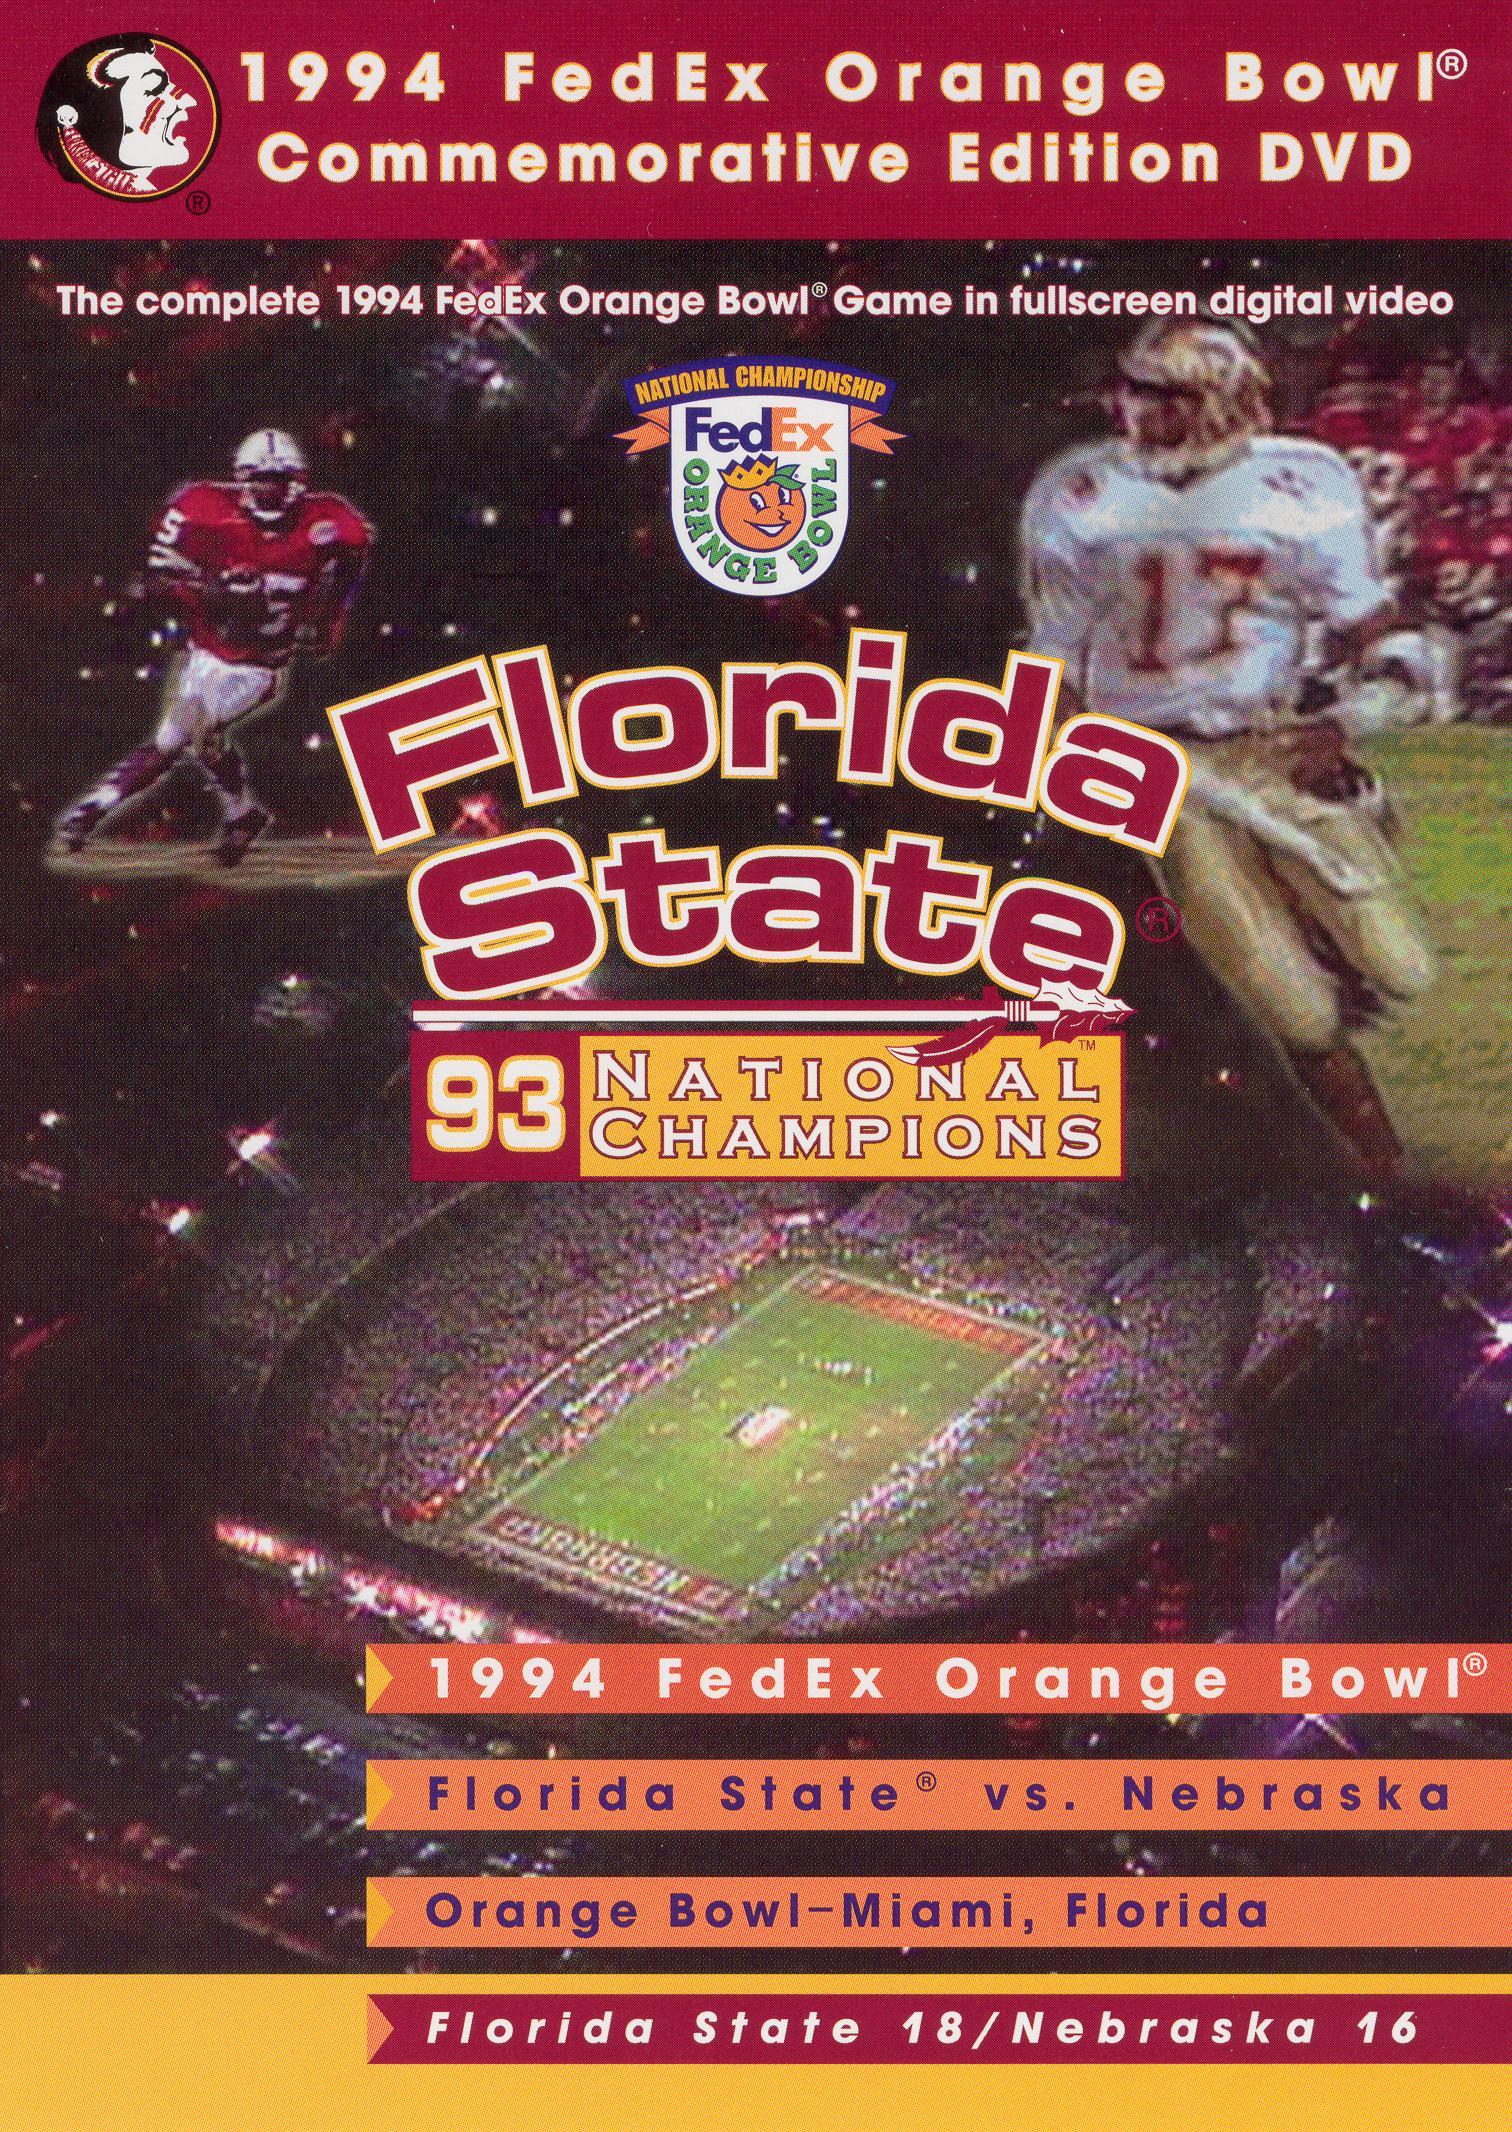 1994 FedEx Orange Bowl